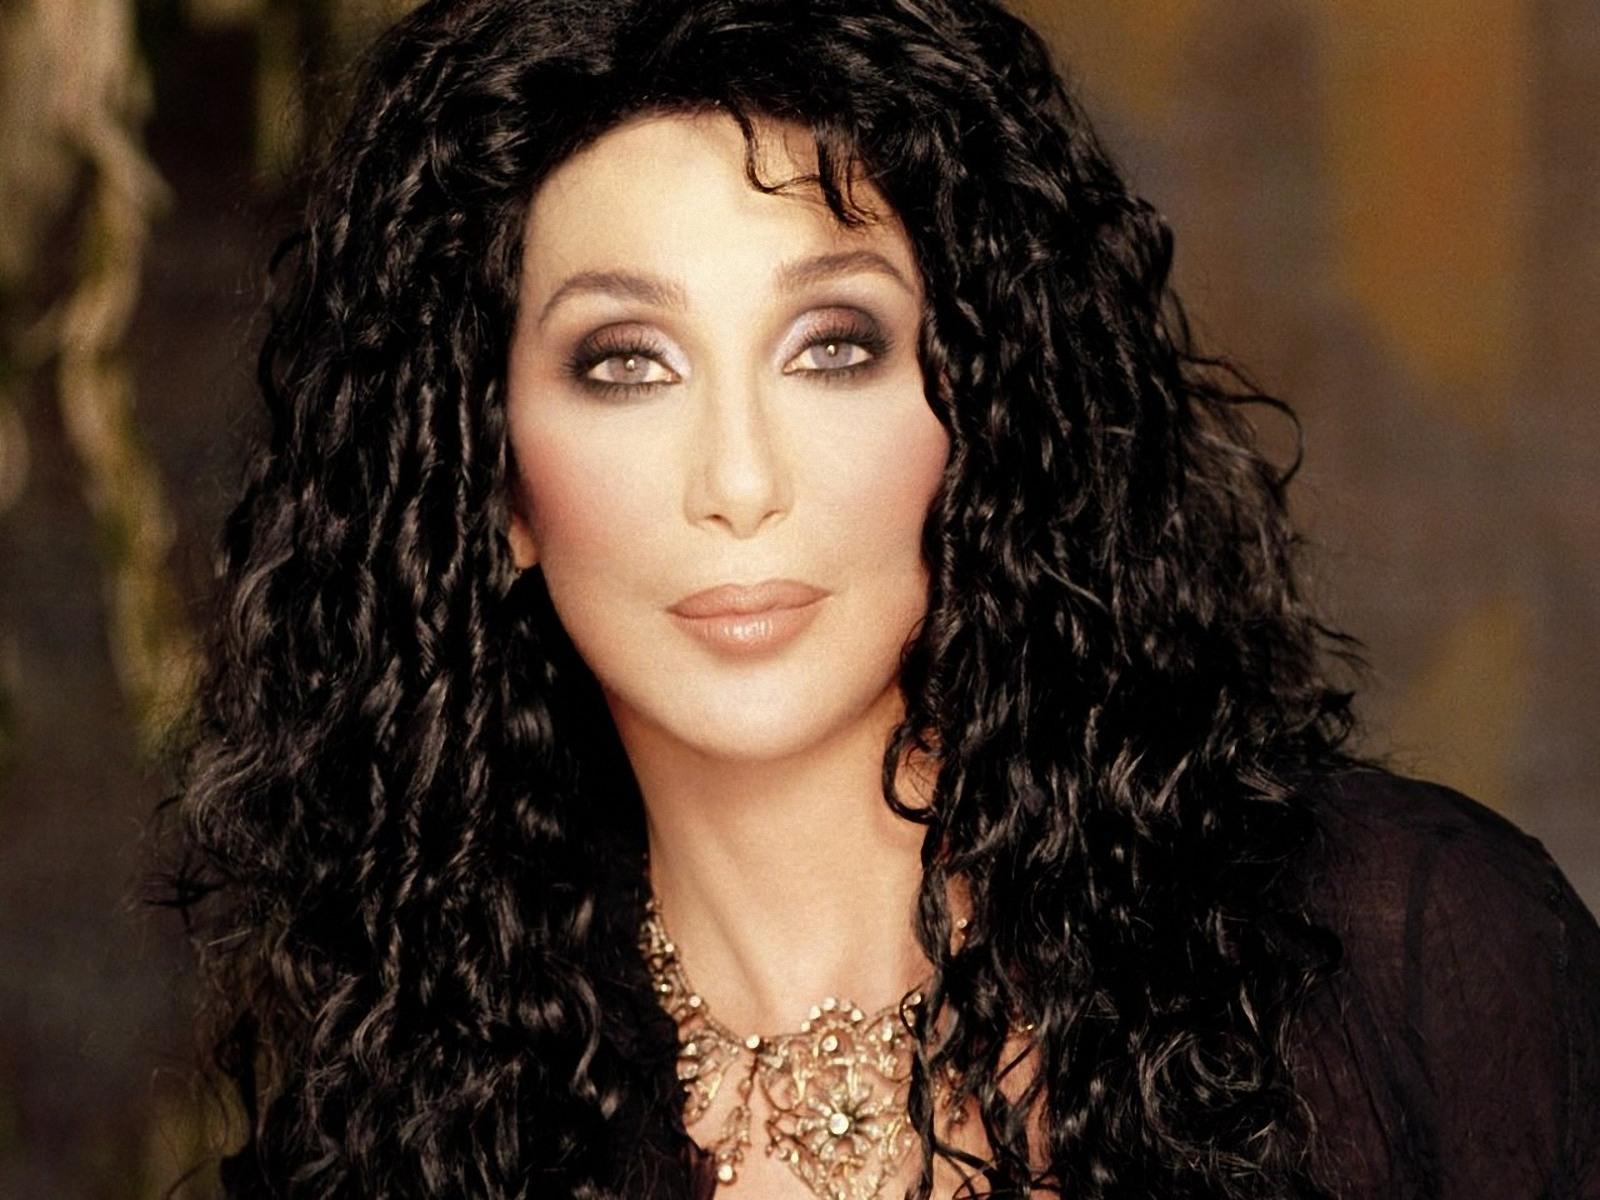 İşte rekor! 70 yaşında olan Cher Microsoft için henüz 39.